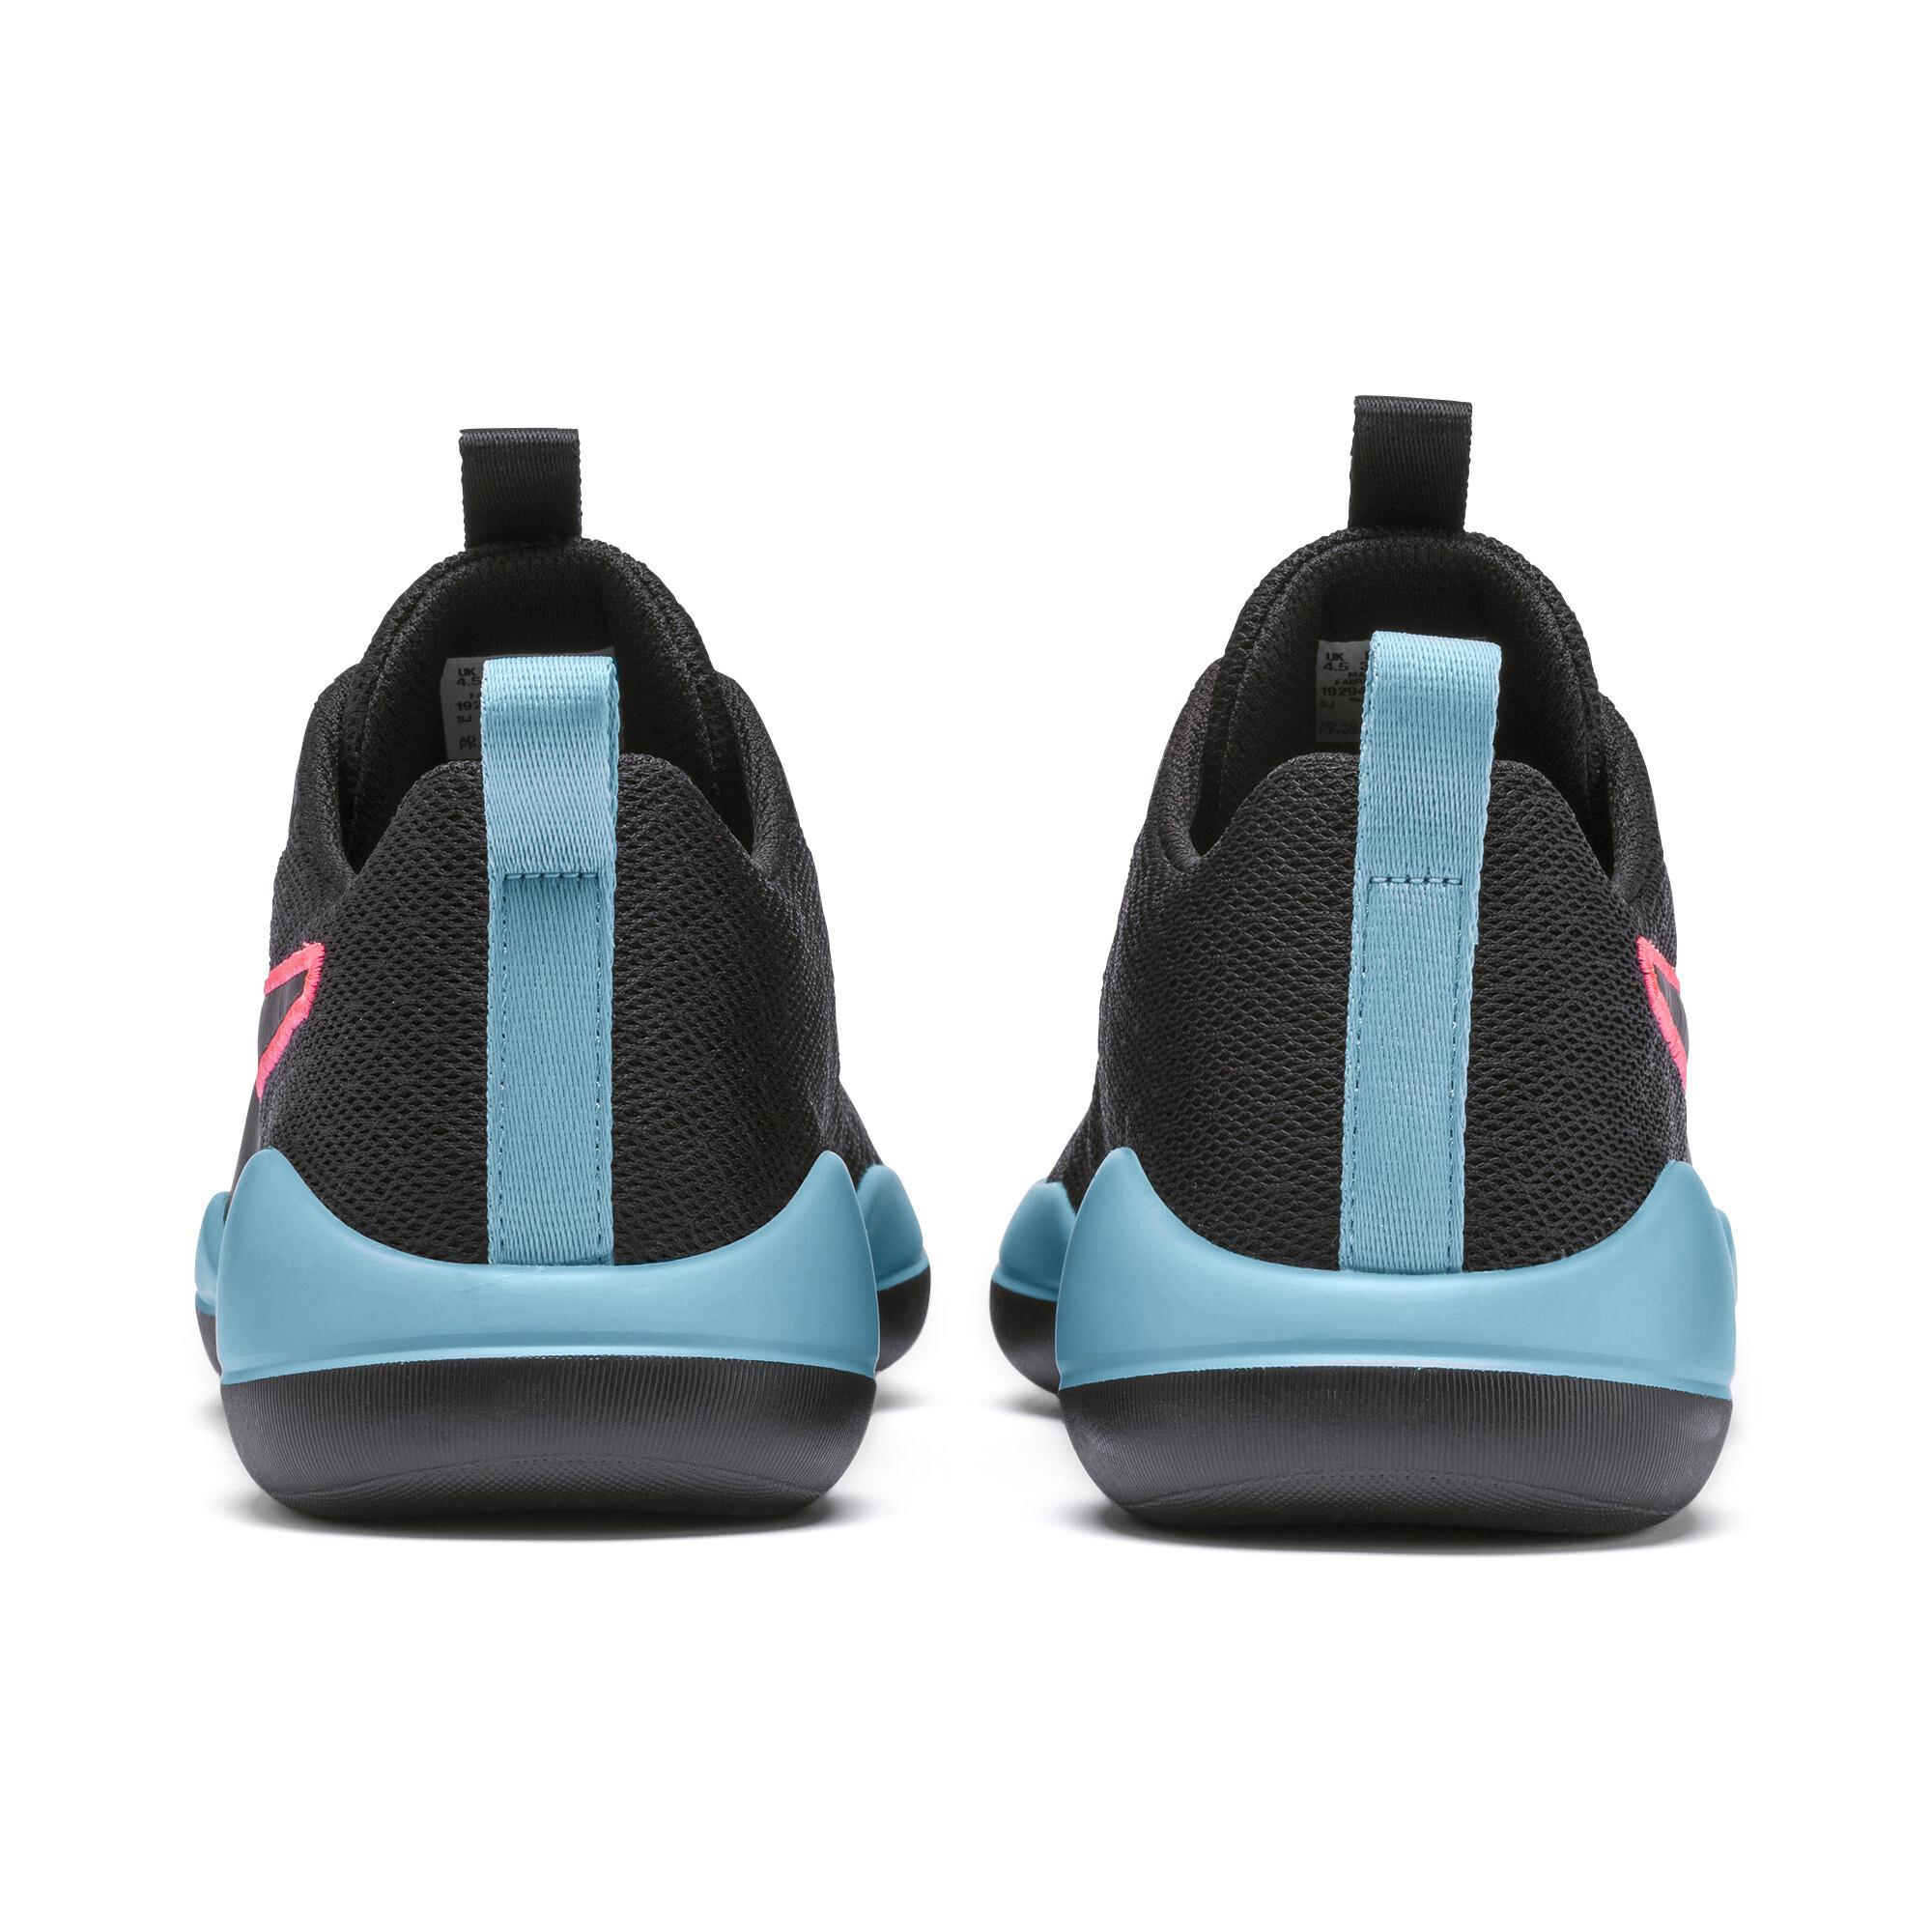 PUMA-Flourish-FS-Women-039-s-Training-Shoes-Women-Shoe-Training thumbnail 3